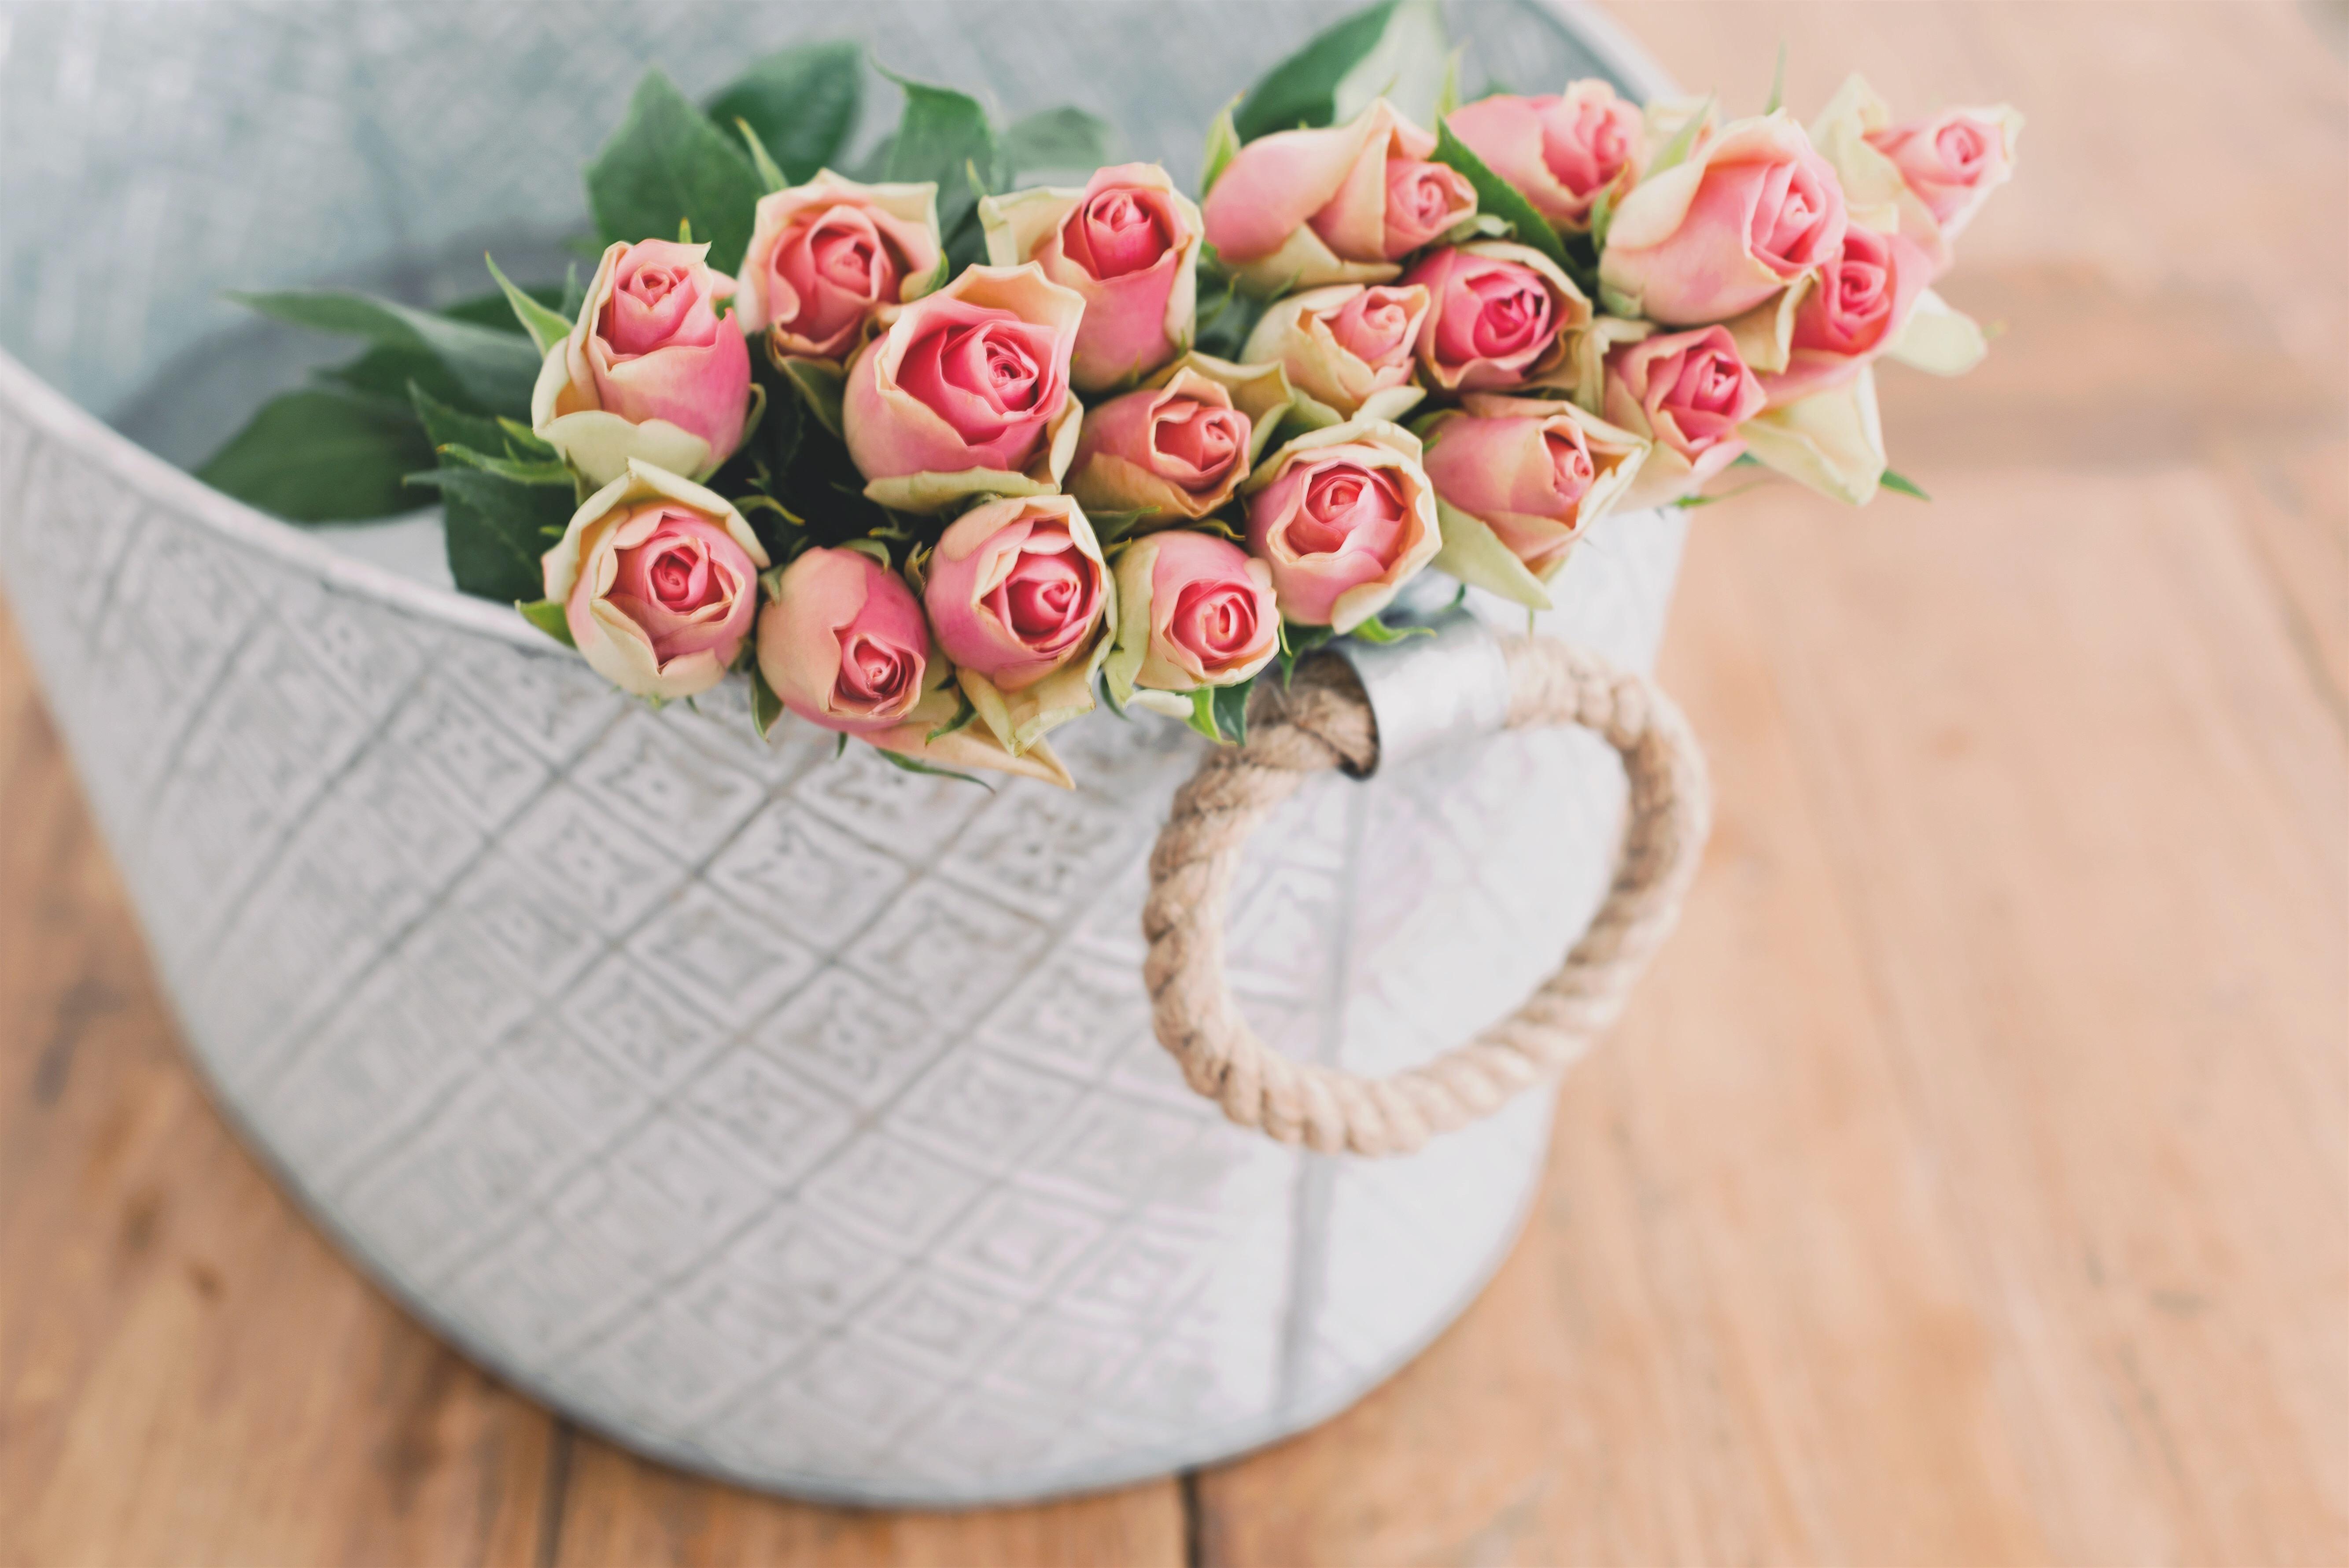 картинки на рабочий стол цветы в коробке целью выявления туберкулеза